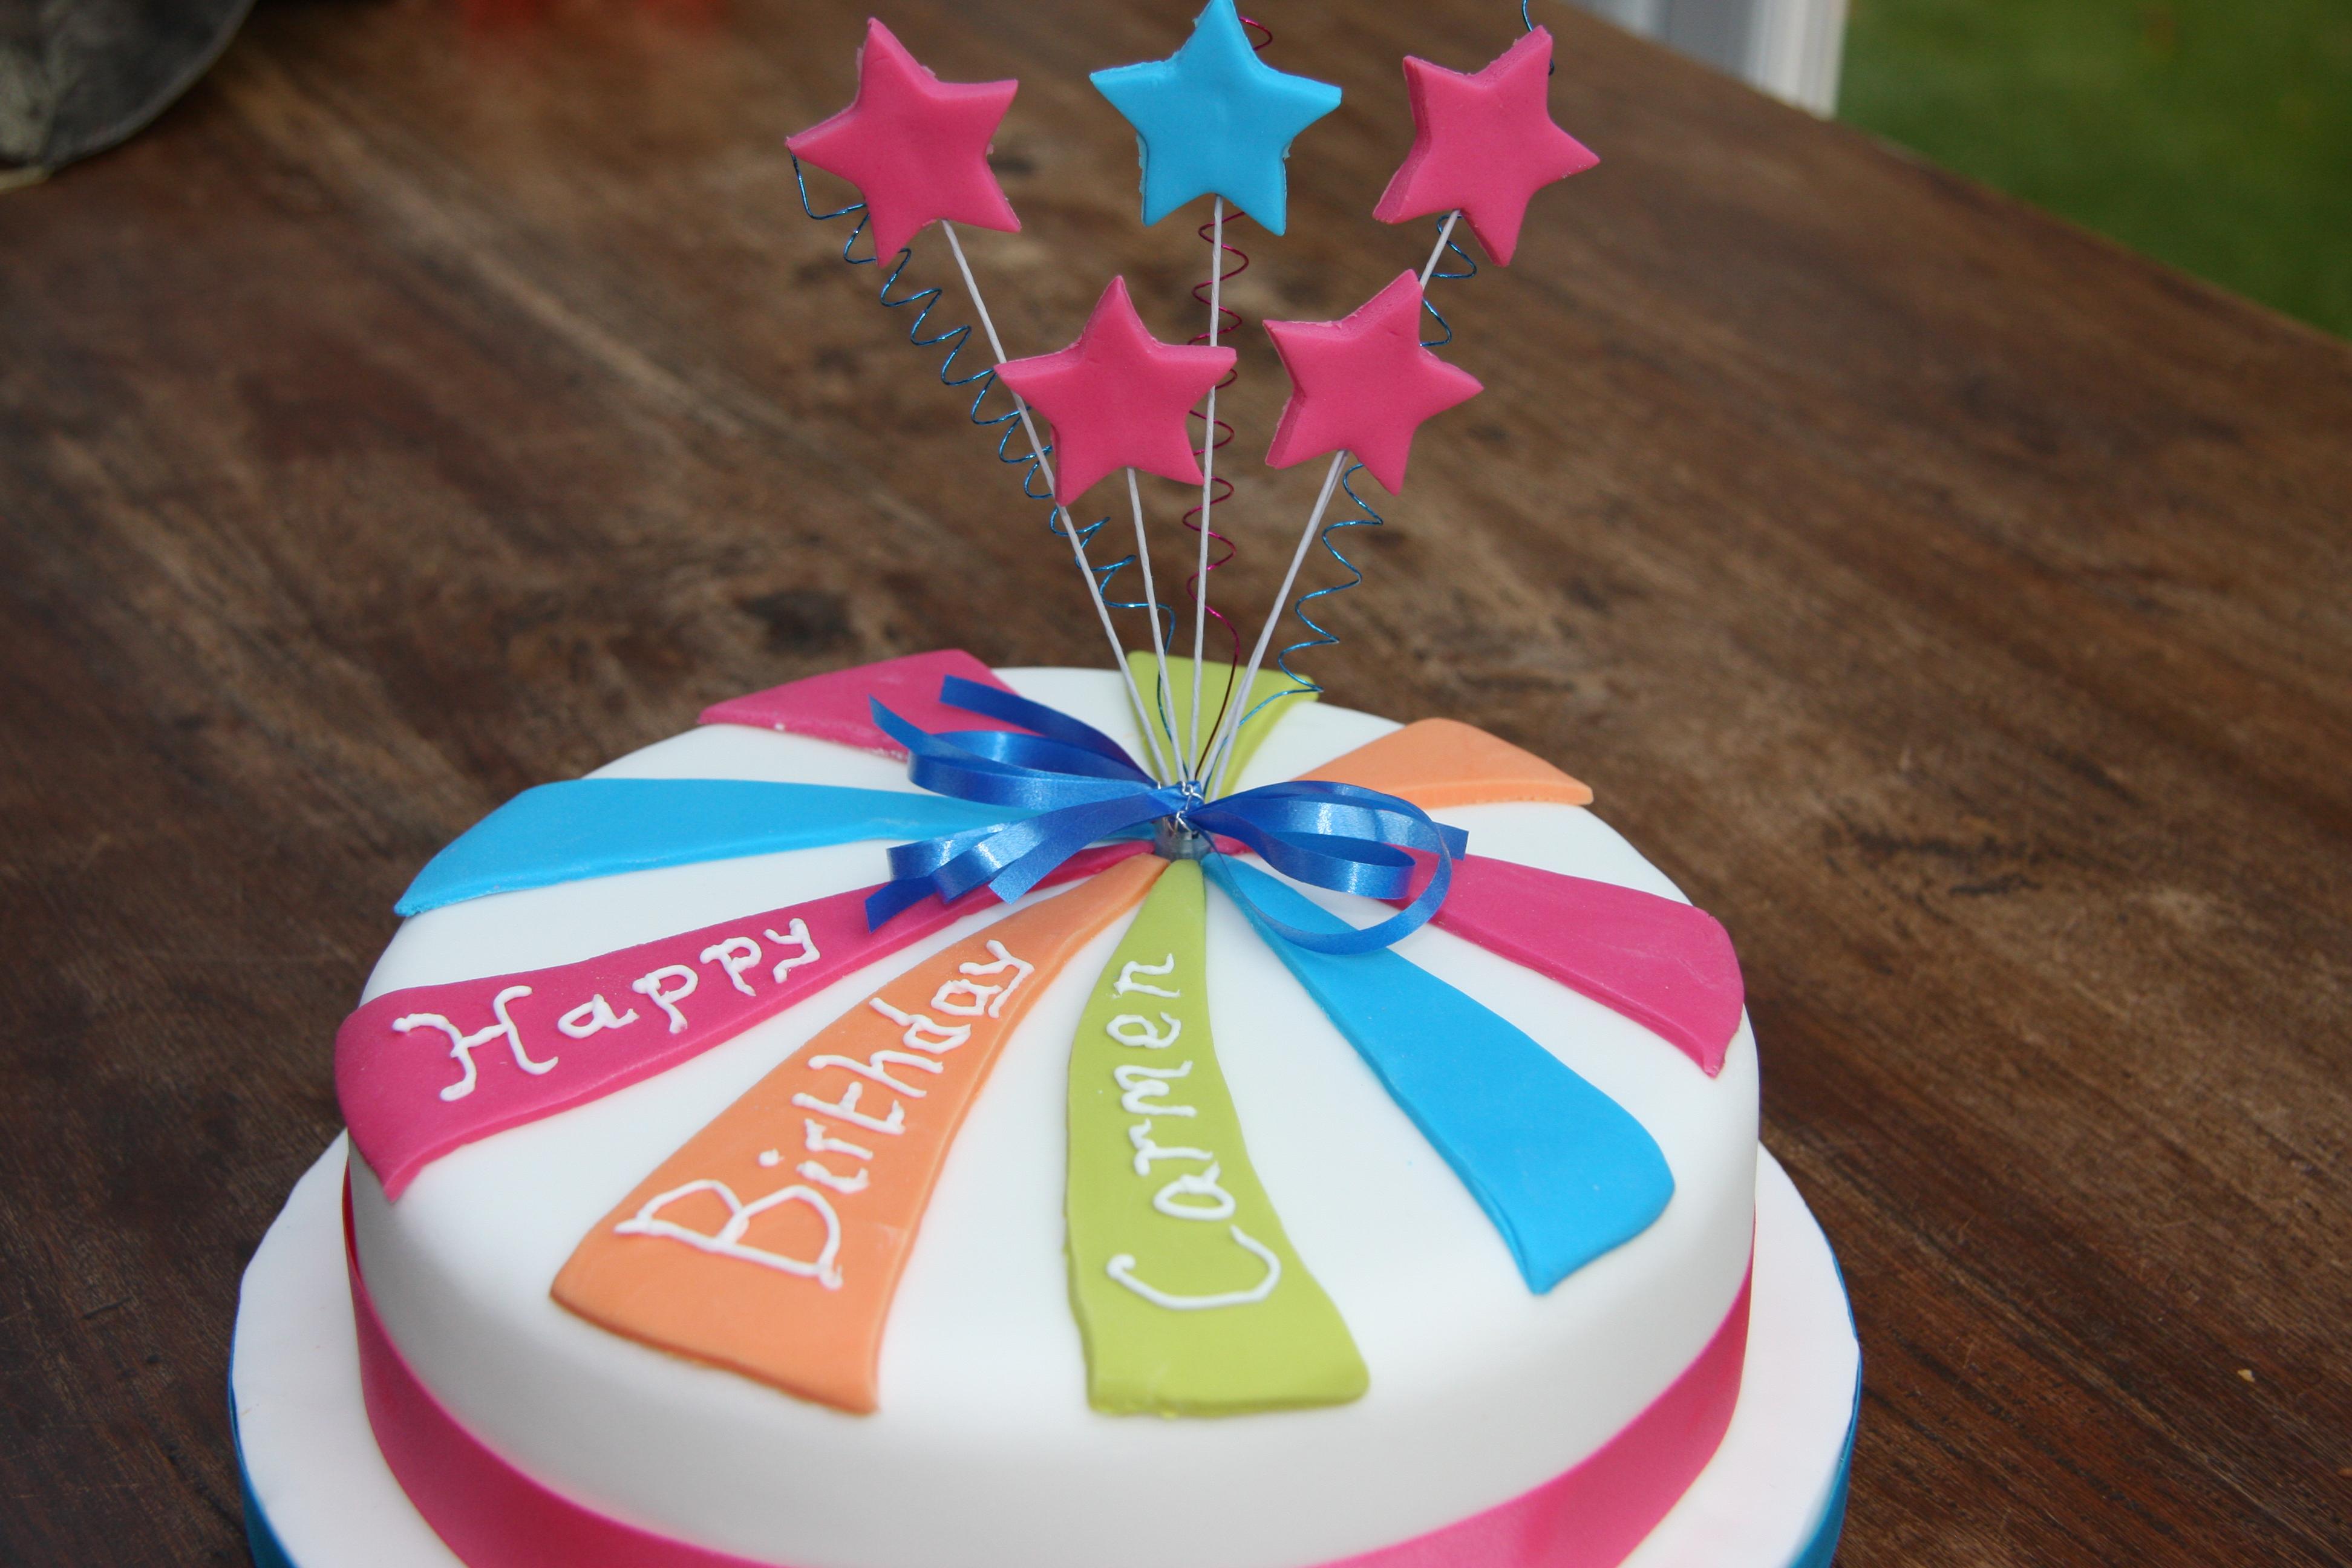 Cake Ideas Disco Birthday Party : Disco Birthday Cakes   seeing double!   lovinghomemade